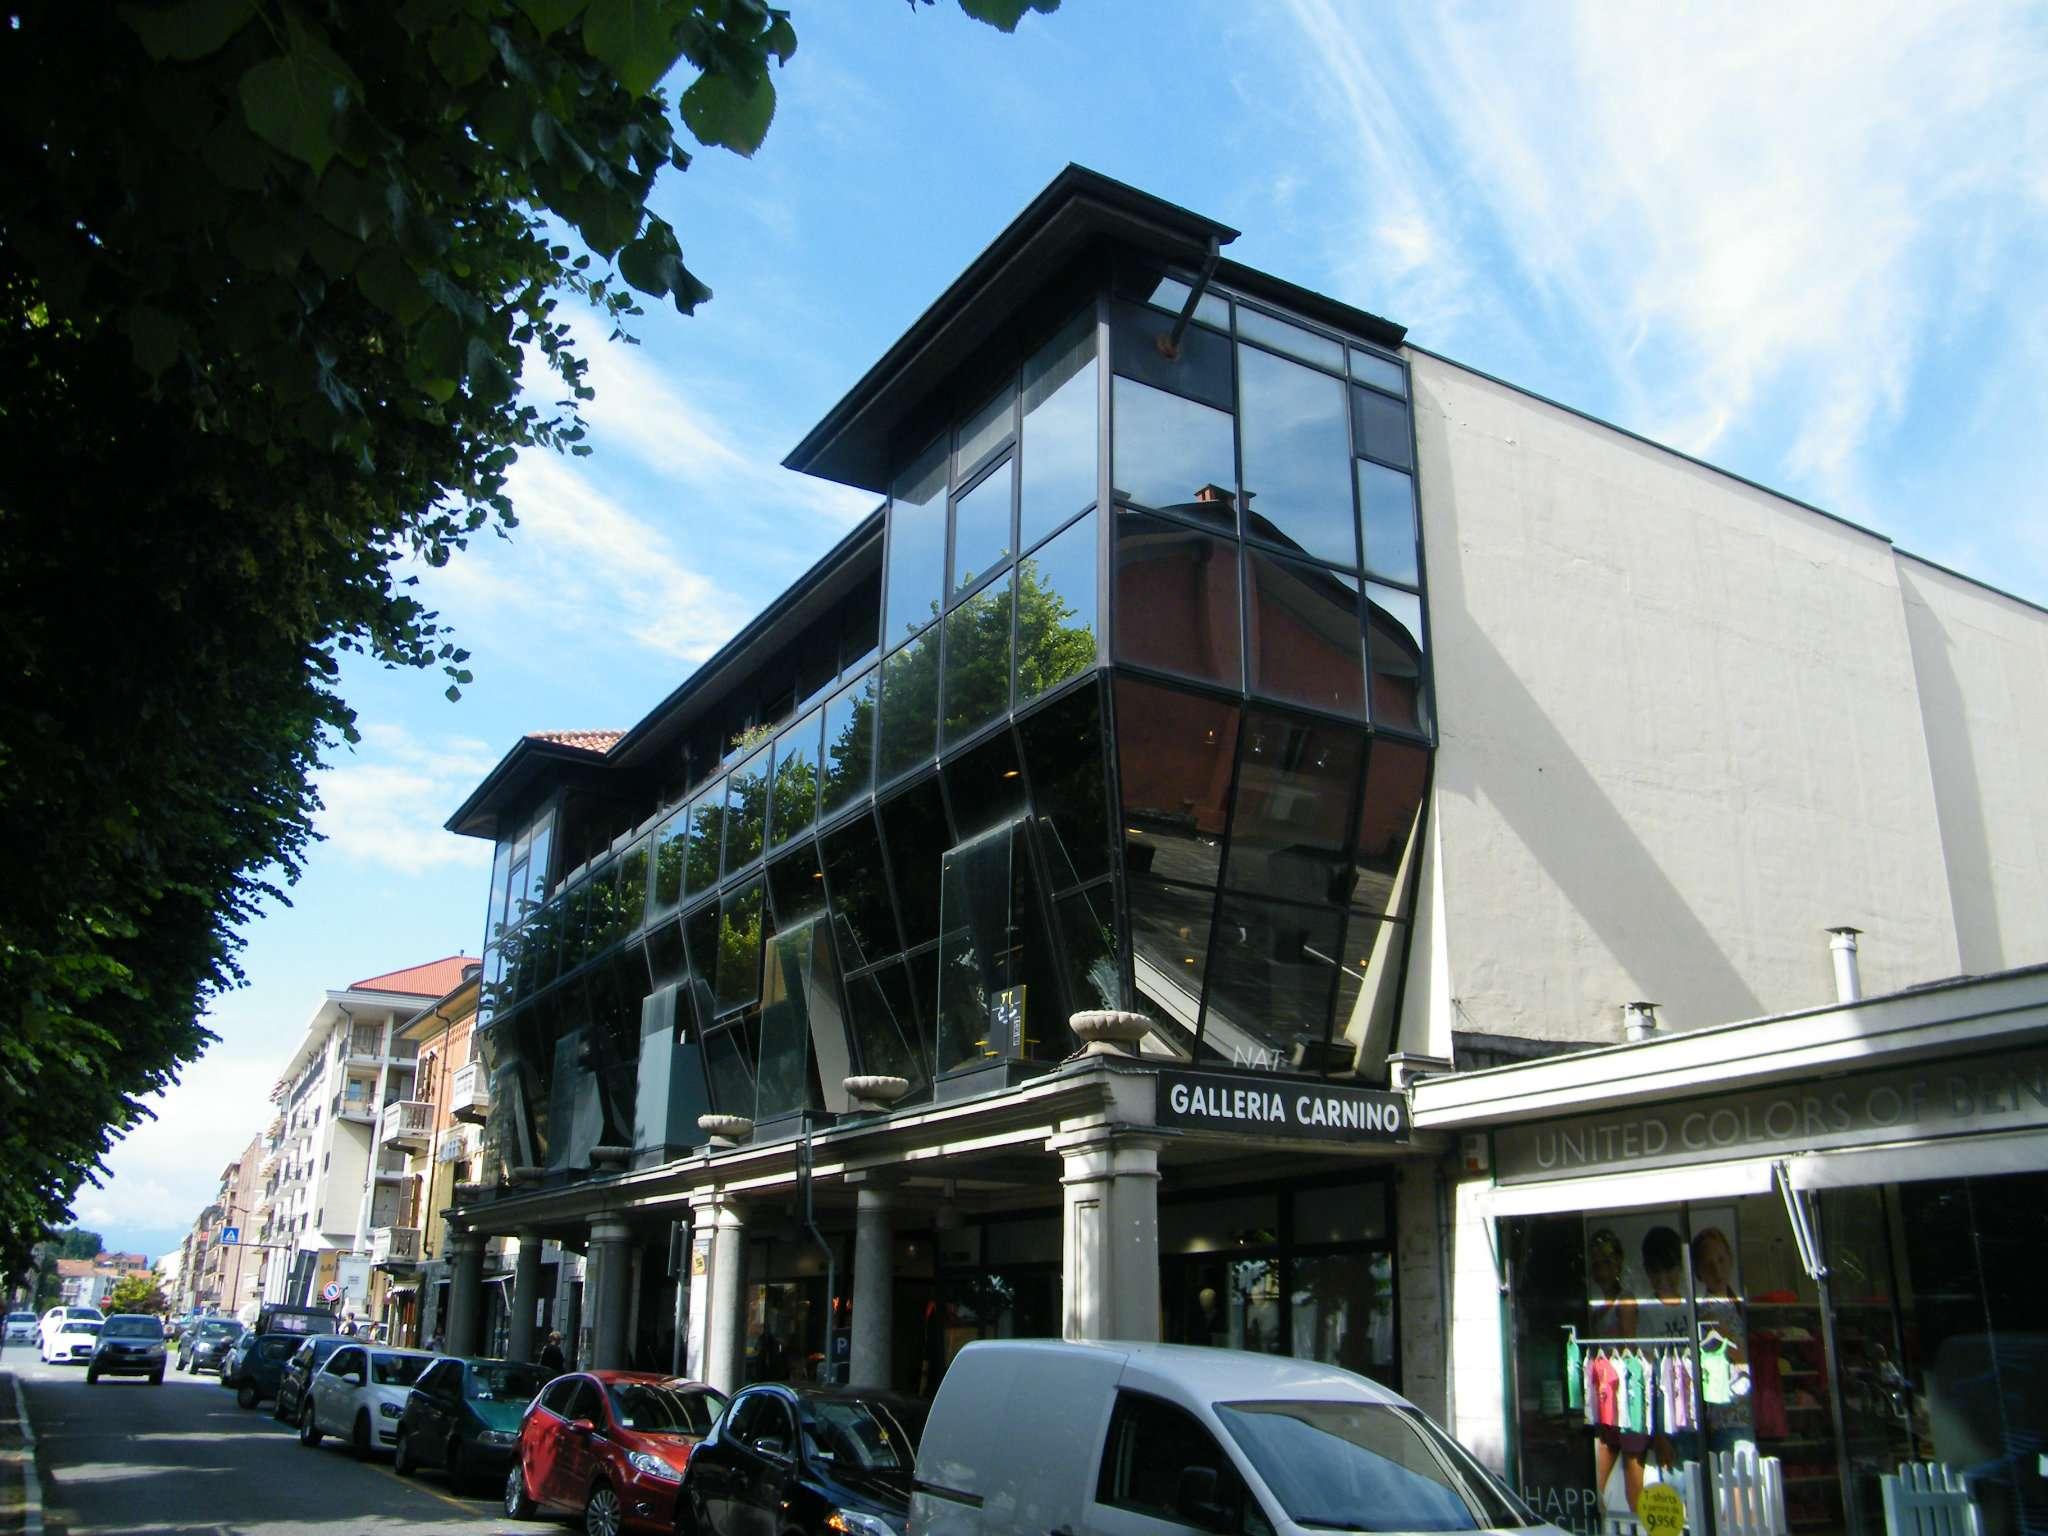 Ufficio / Studio in vendita a Rivoli, 5 locali, prezzo € 150.000 | PortaleAgenzieImmobiliari.it